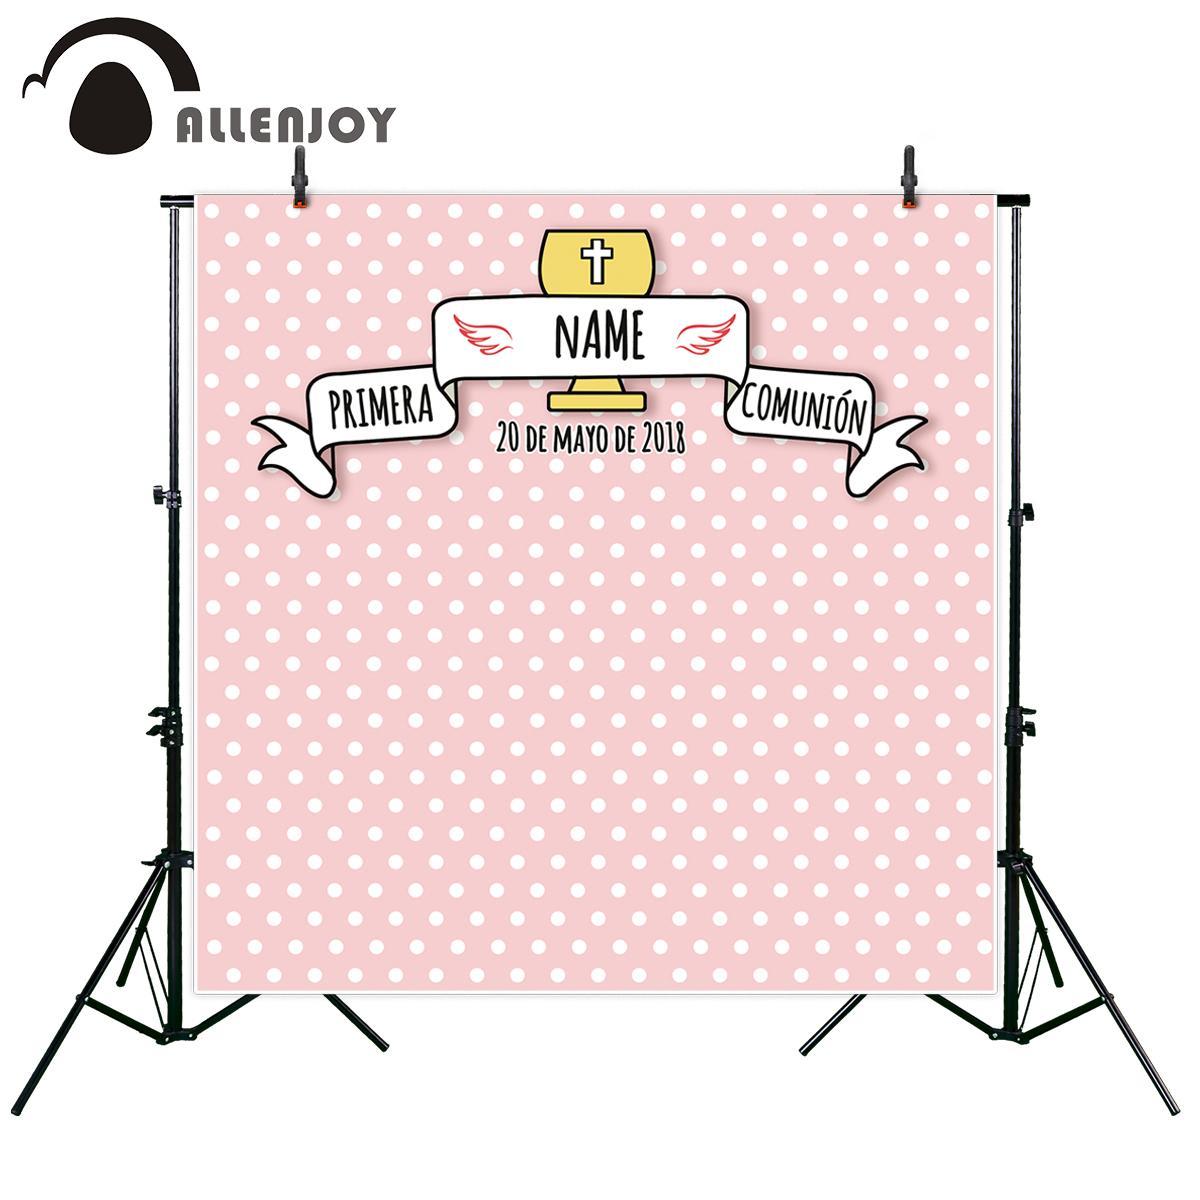 Großhandel Allenjoy Fotografischen Hintergrund Rahmen Design Taufe ...